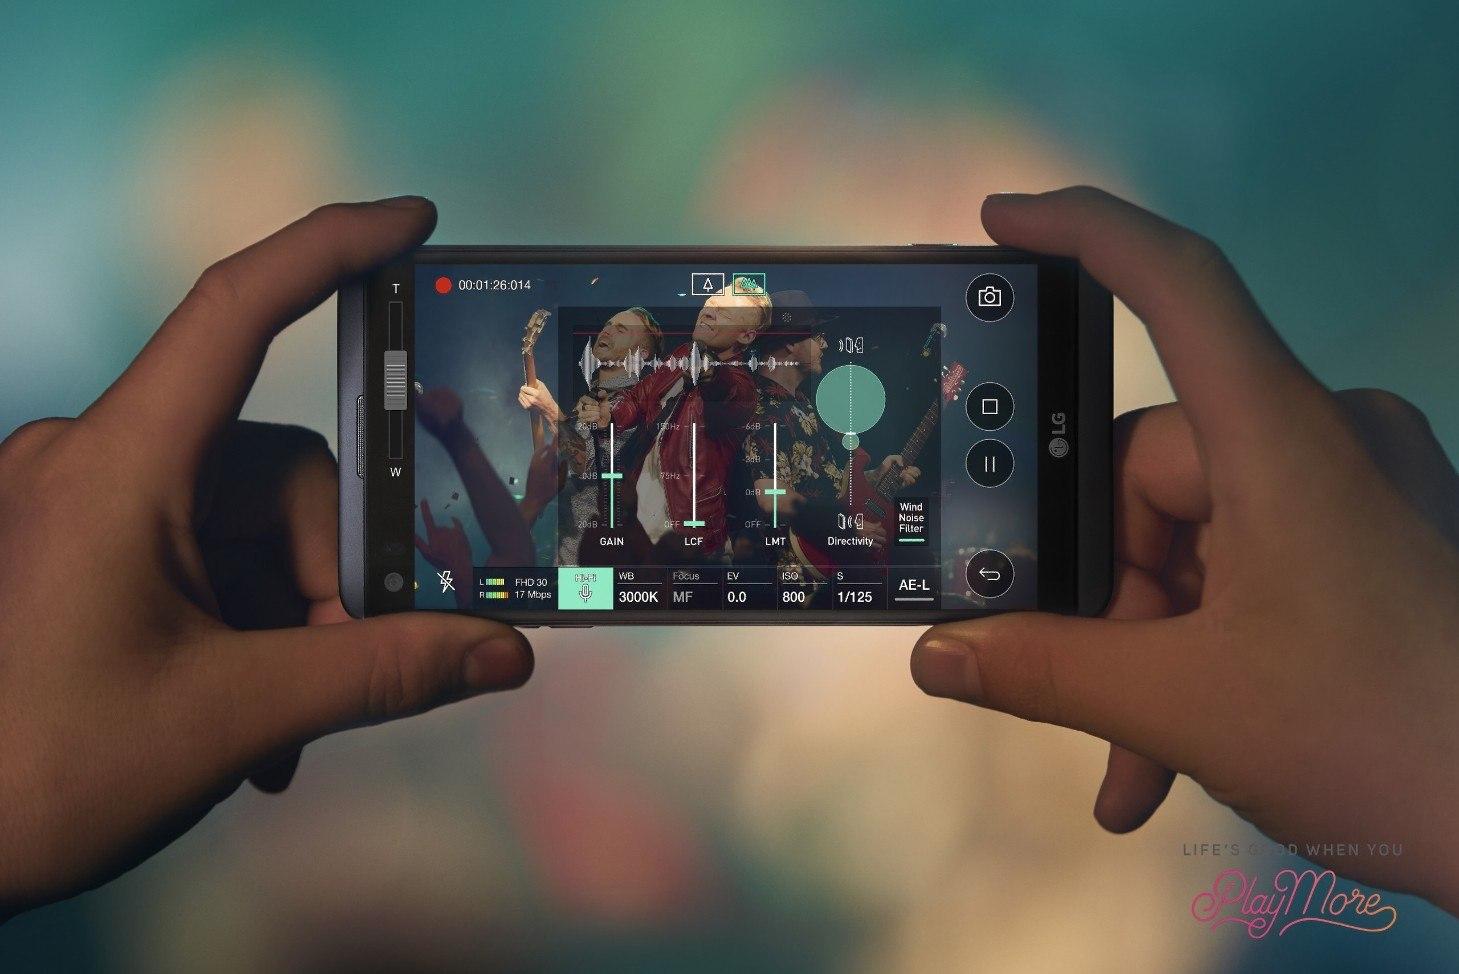 LG-V20-Hi-Fi-Recording (1)